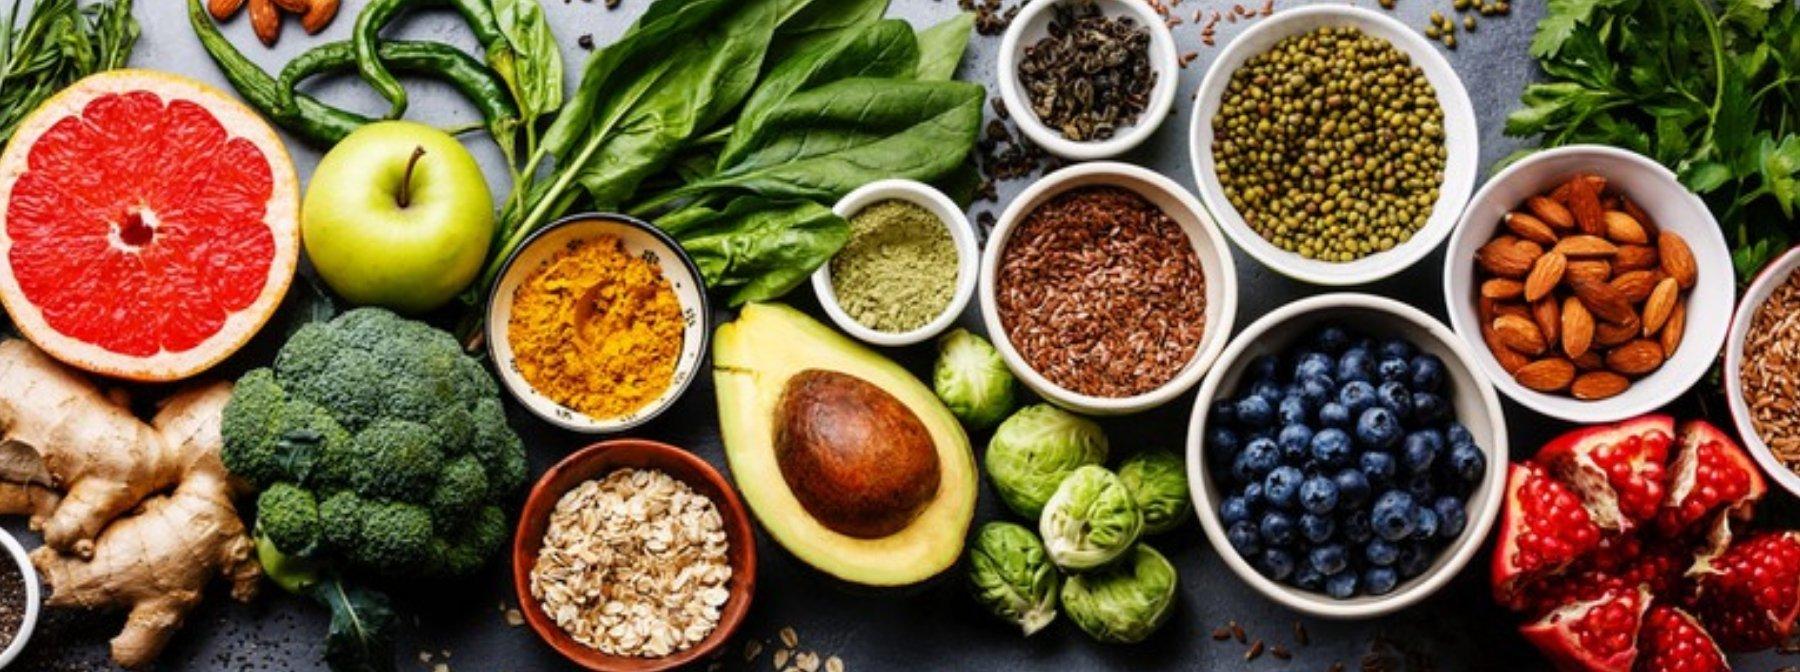 5 aliments à avoir dans son placard | Les favoris de Justine Gallice